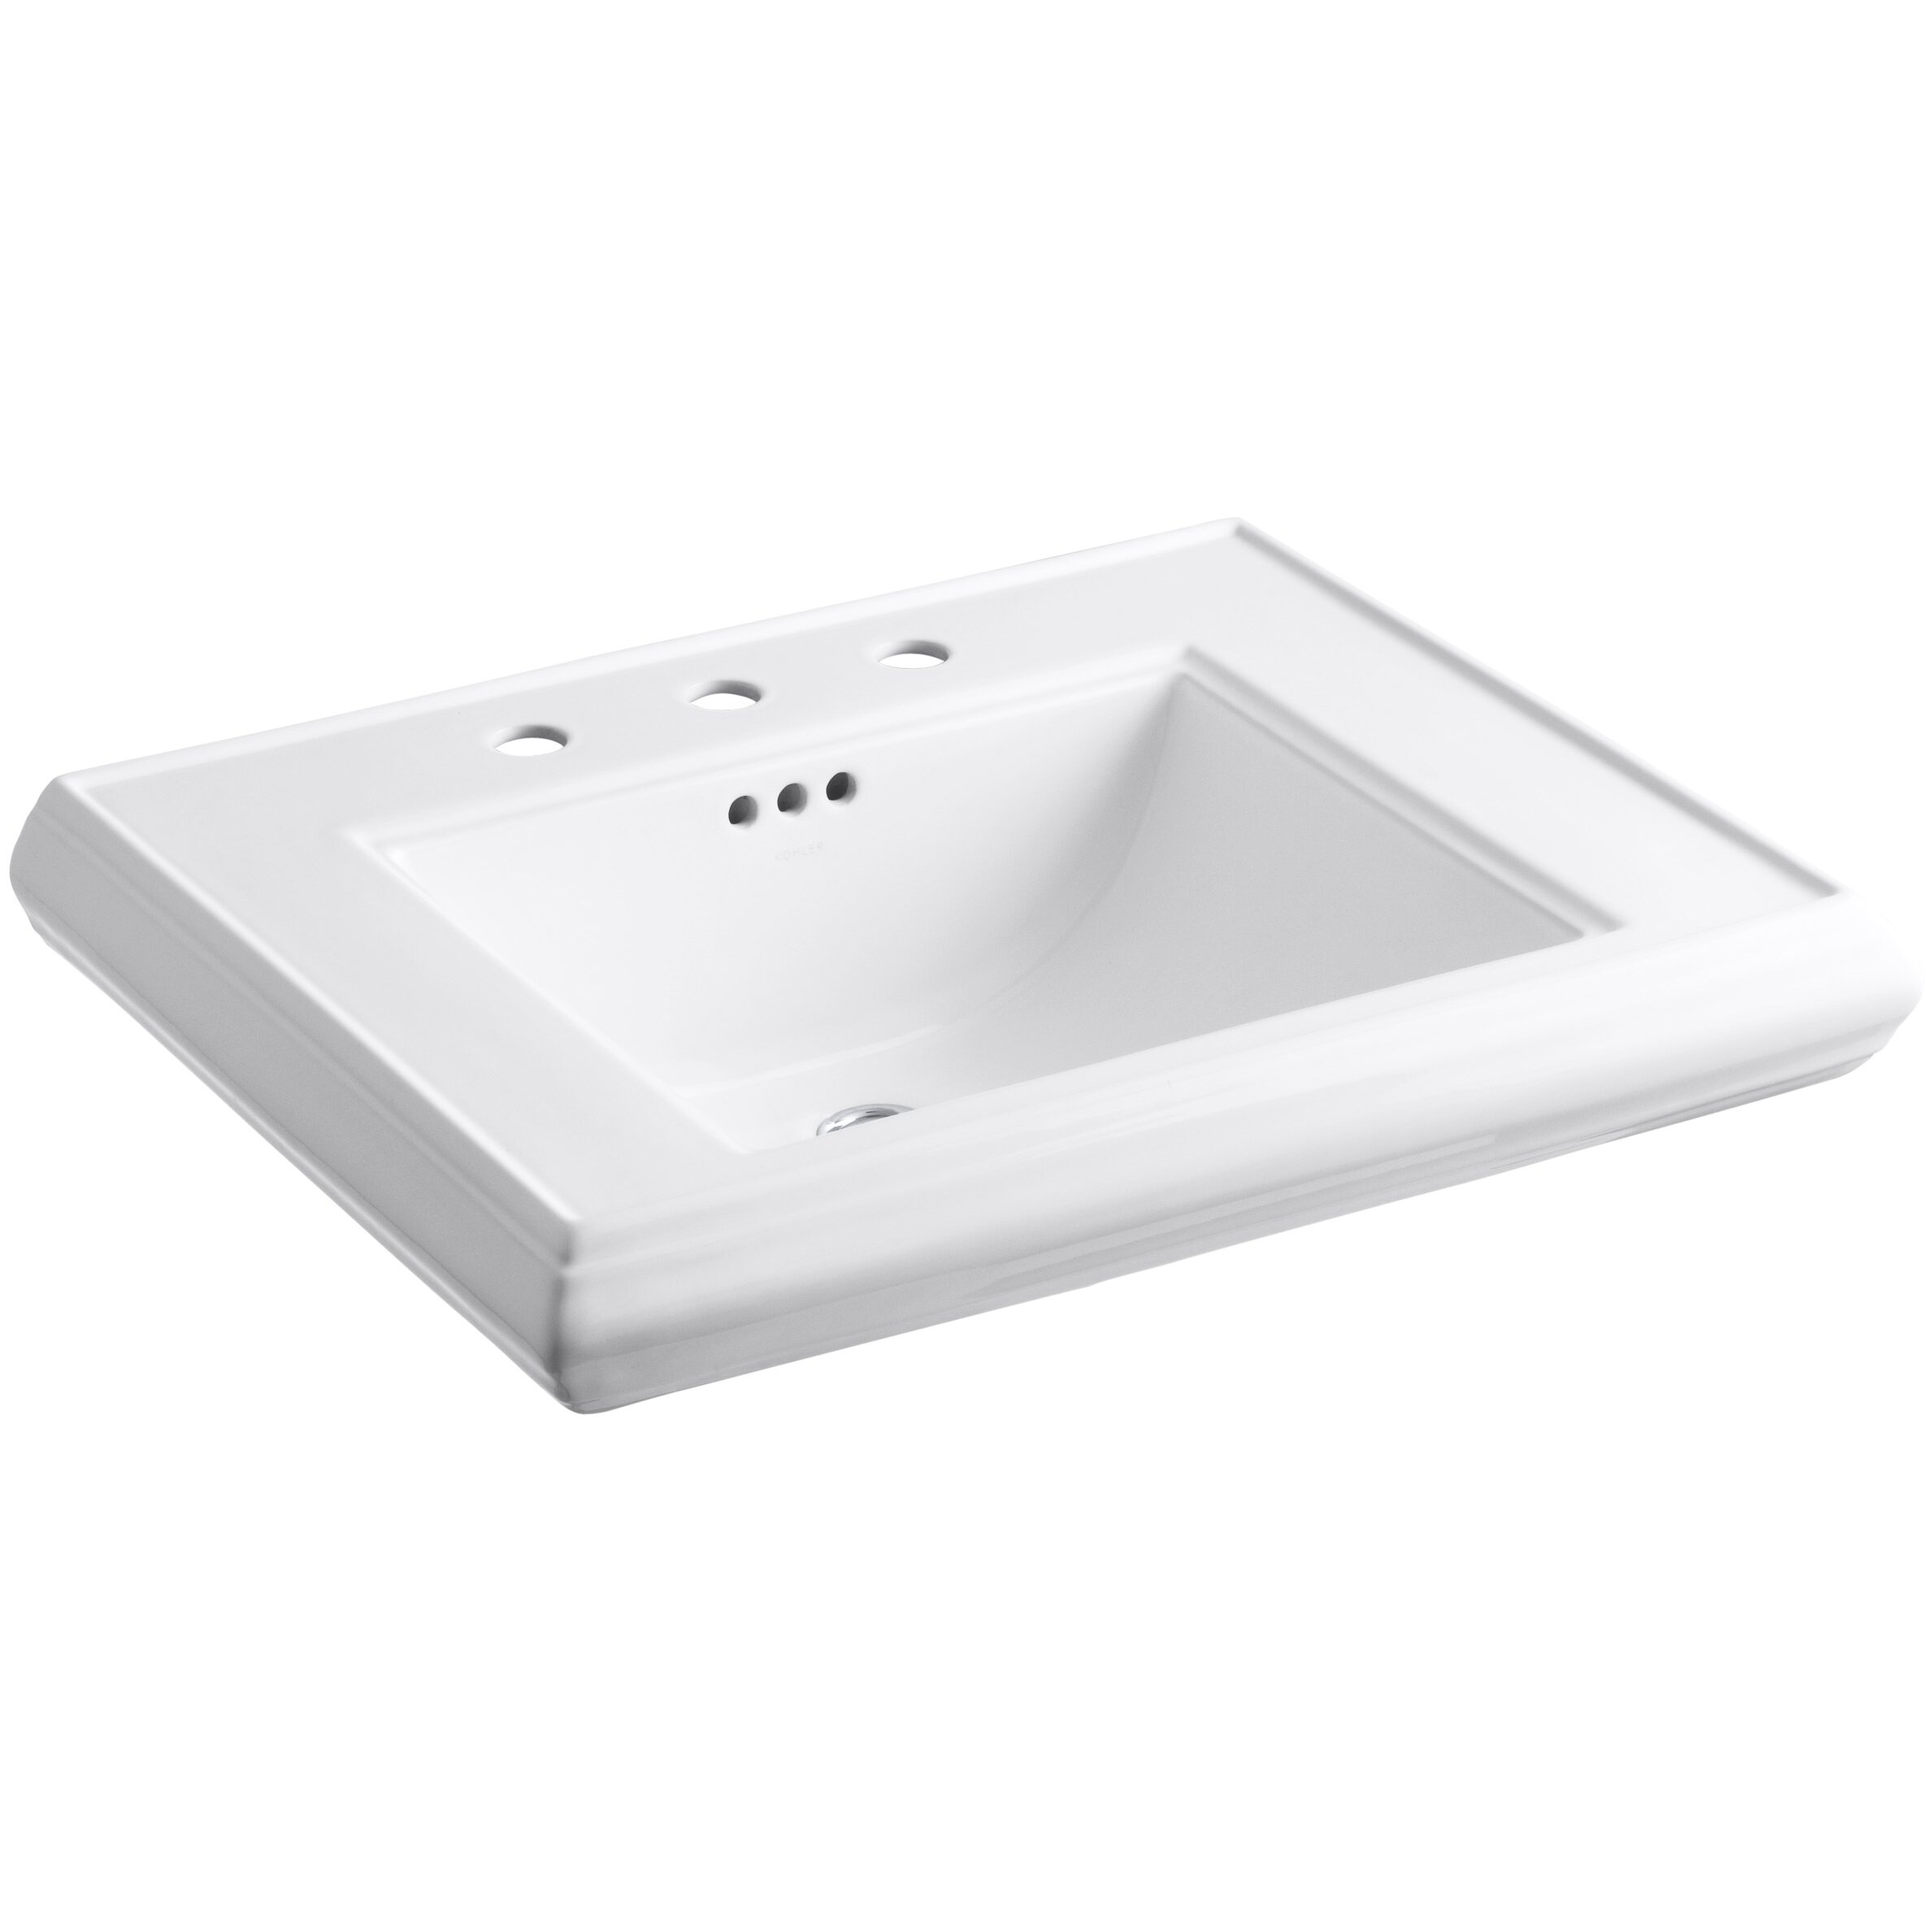 Kohler Memoirs Pedestal Bathroom Sink Basin Reviews